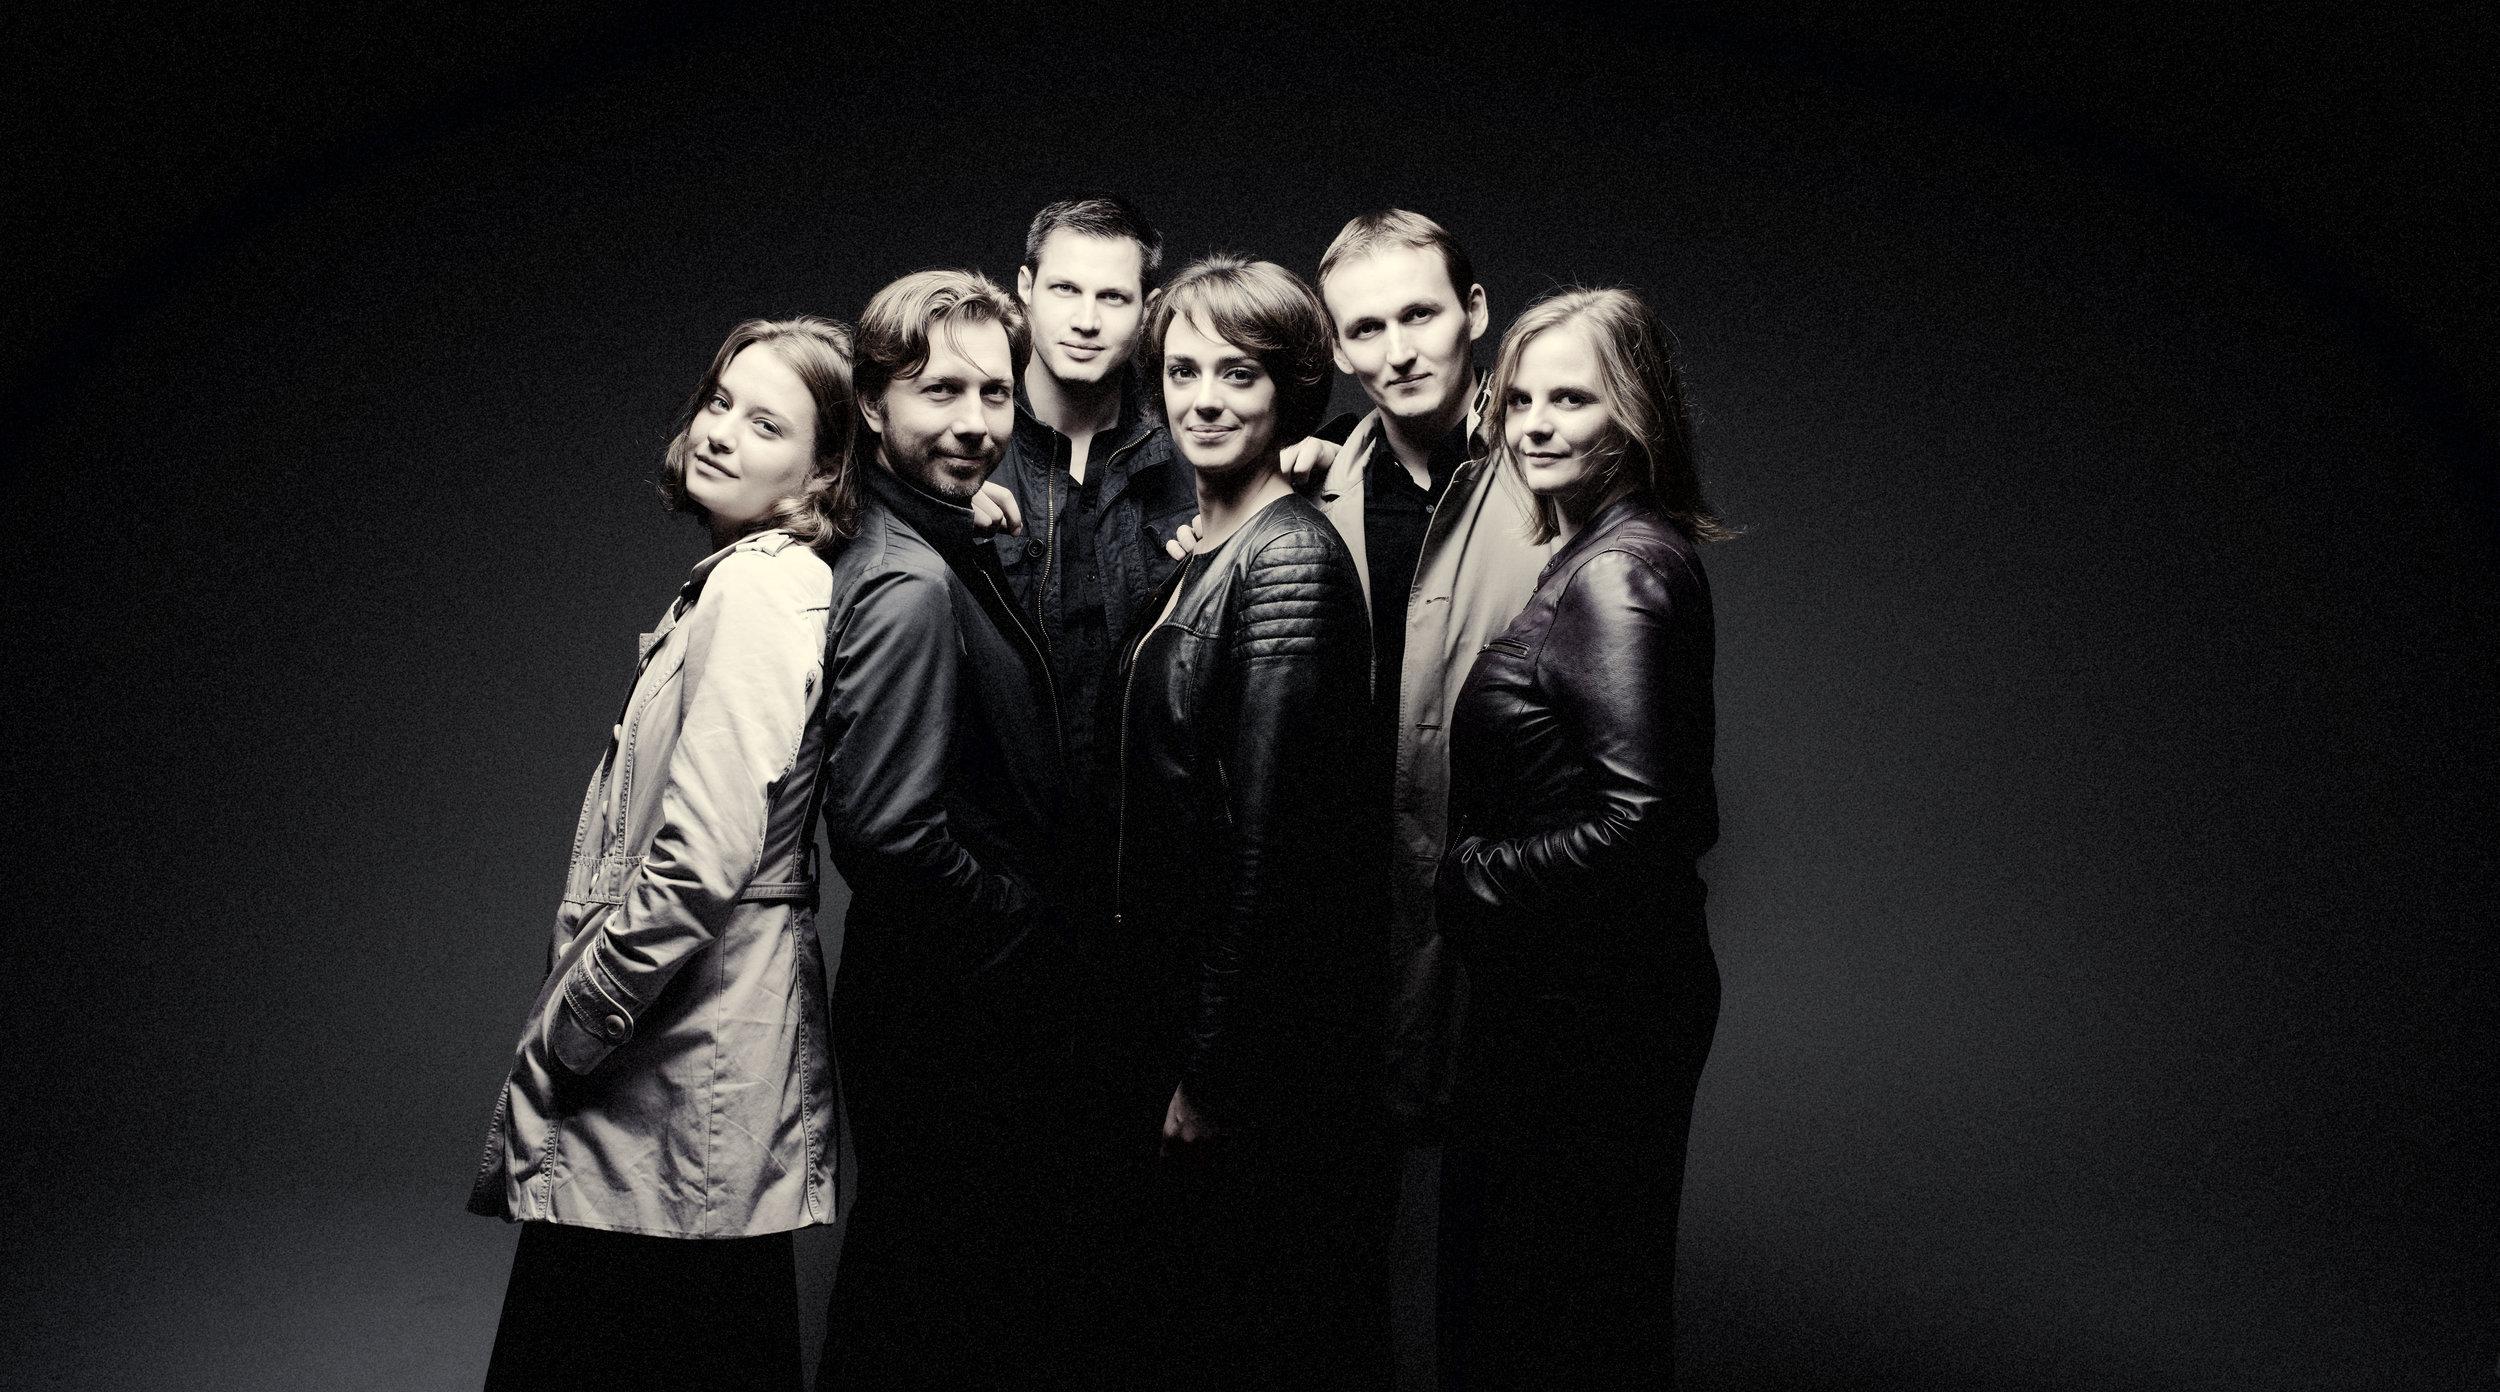 - Das Rubik Ensemble wurde von sechs jungen Musikern ins Leben gerufen, deren gemeinsames Ziel es ist über klassische Musik einem möglichst breiten Publikum näherzukommen und Musiker von der ganzen Welt zusammenzubringen, die gemeinsam vielseitige Kammermusik- und Solodarbietungen auf höchstem Niveau garantieren. Die sechs Gründer des Rubik Ensembles sind alle international renommierte Solisten, Preisträger internationaler Solowettbewerbe oder hatten führende Positionen in Spitzenorchestern inne.